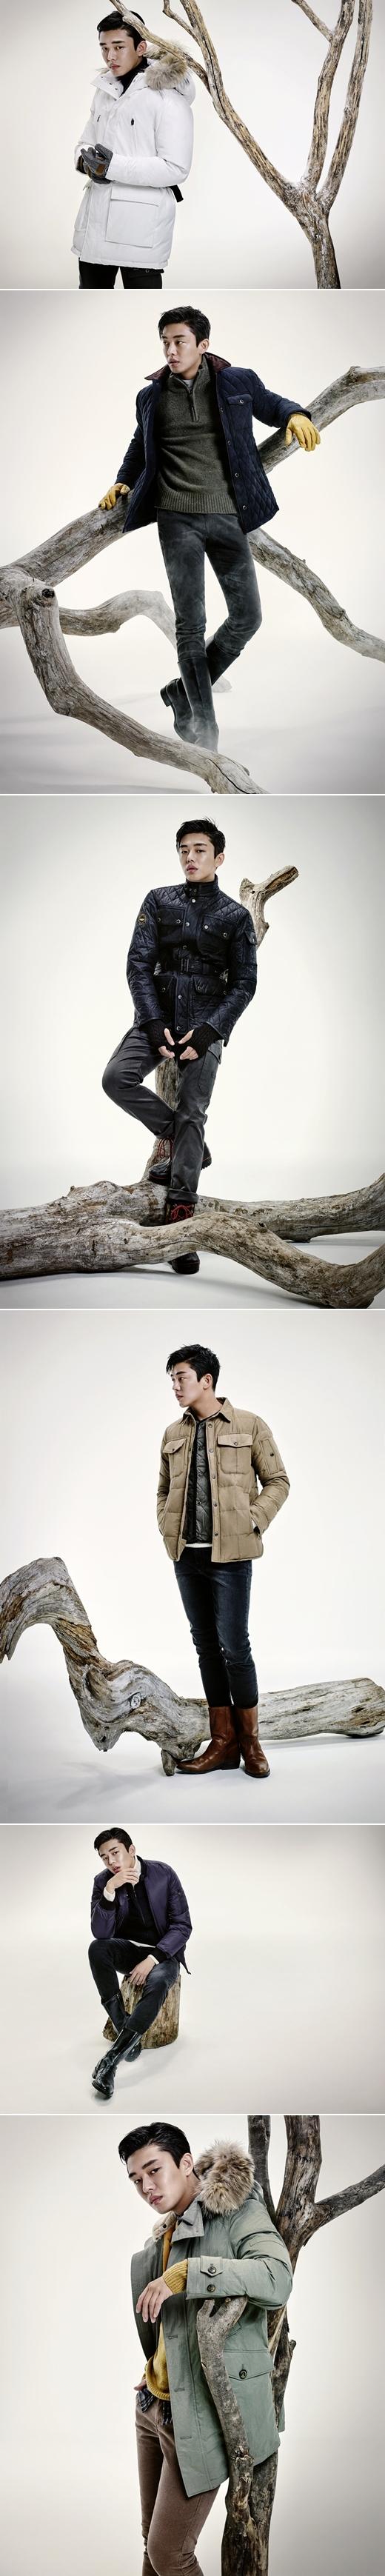 지프브랜드, 유아인 화보 공개…'퍼스트 어반' 테마